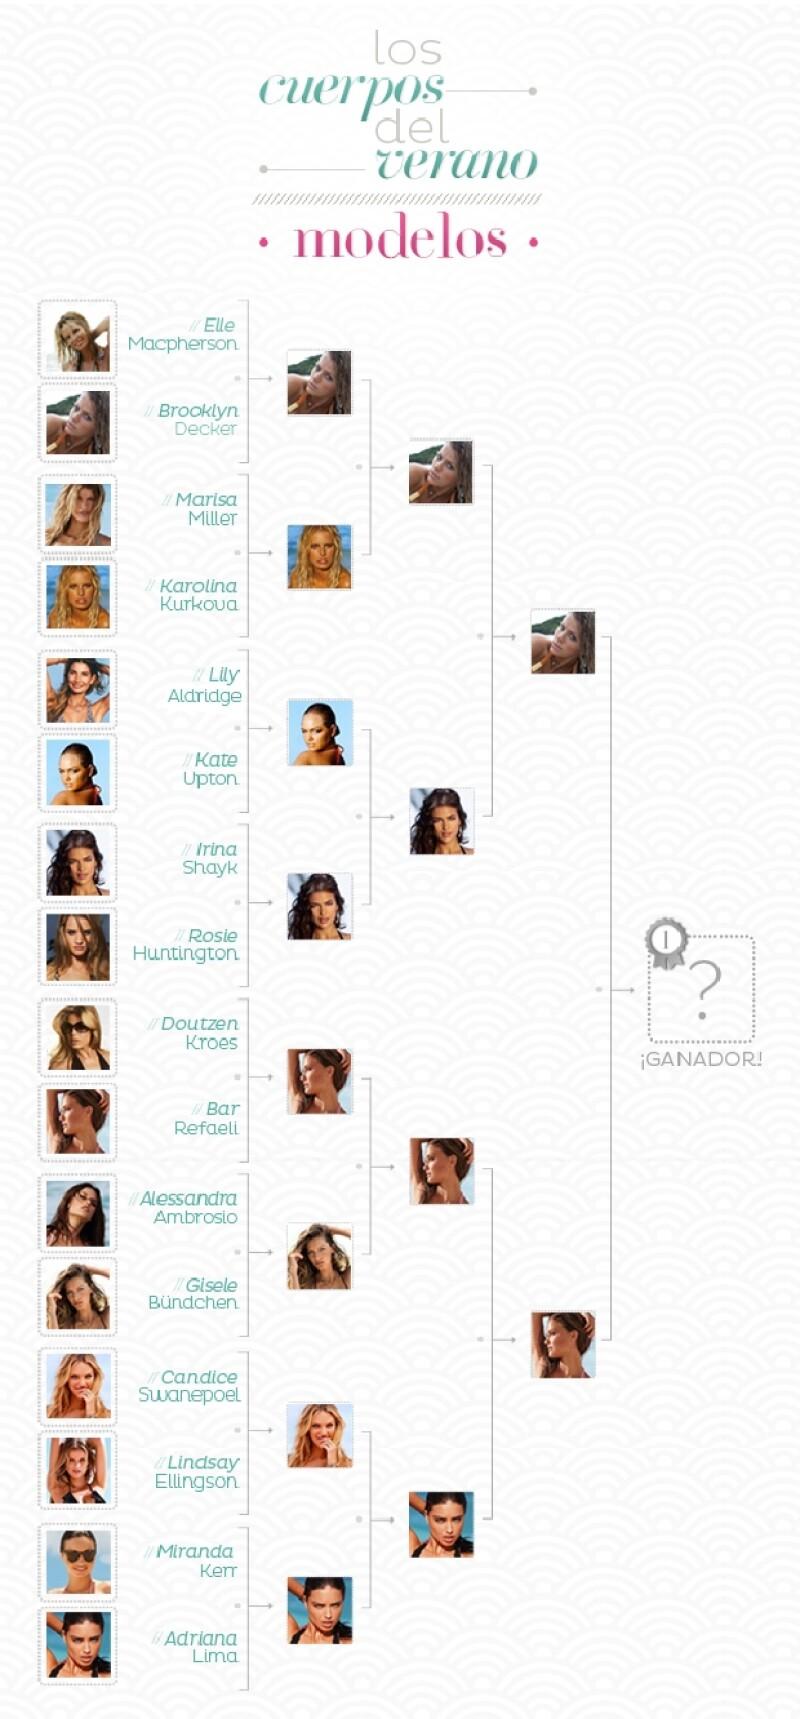 Ya sea en la playa o en campañas publicitarias, hemos visto bikinis por todos lados. Es el turno de las modelos de luchar por este cotizado premio. ¡Vota por tu favorita!